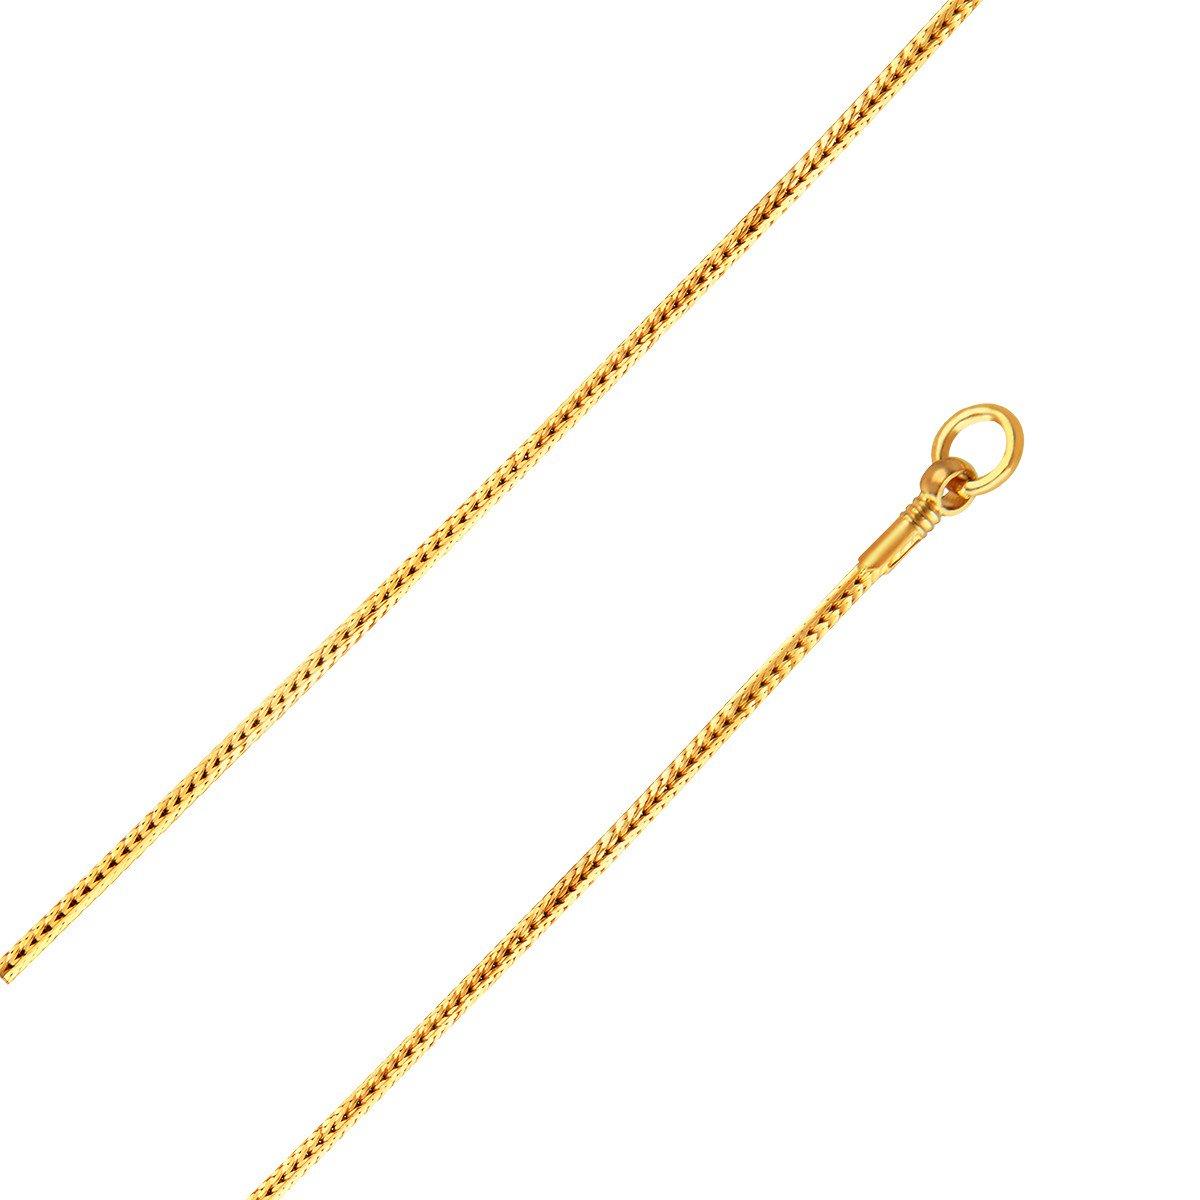 22k Yellow Gold Chain09